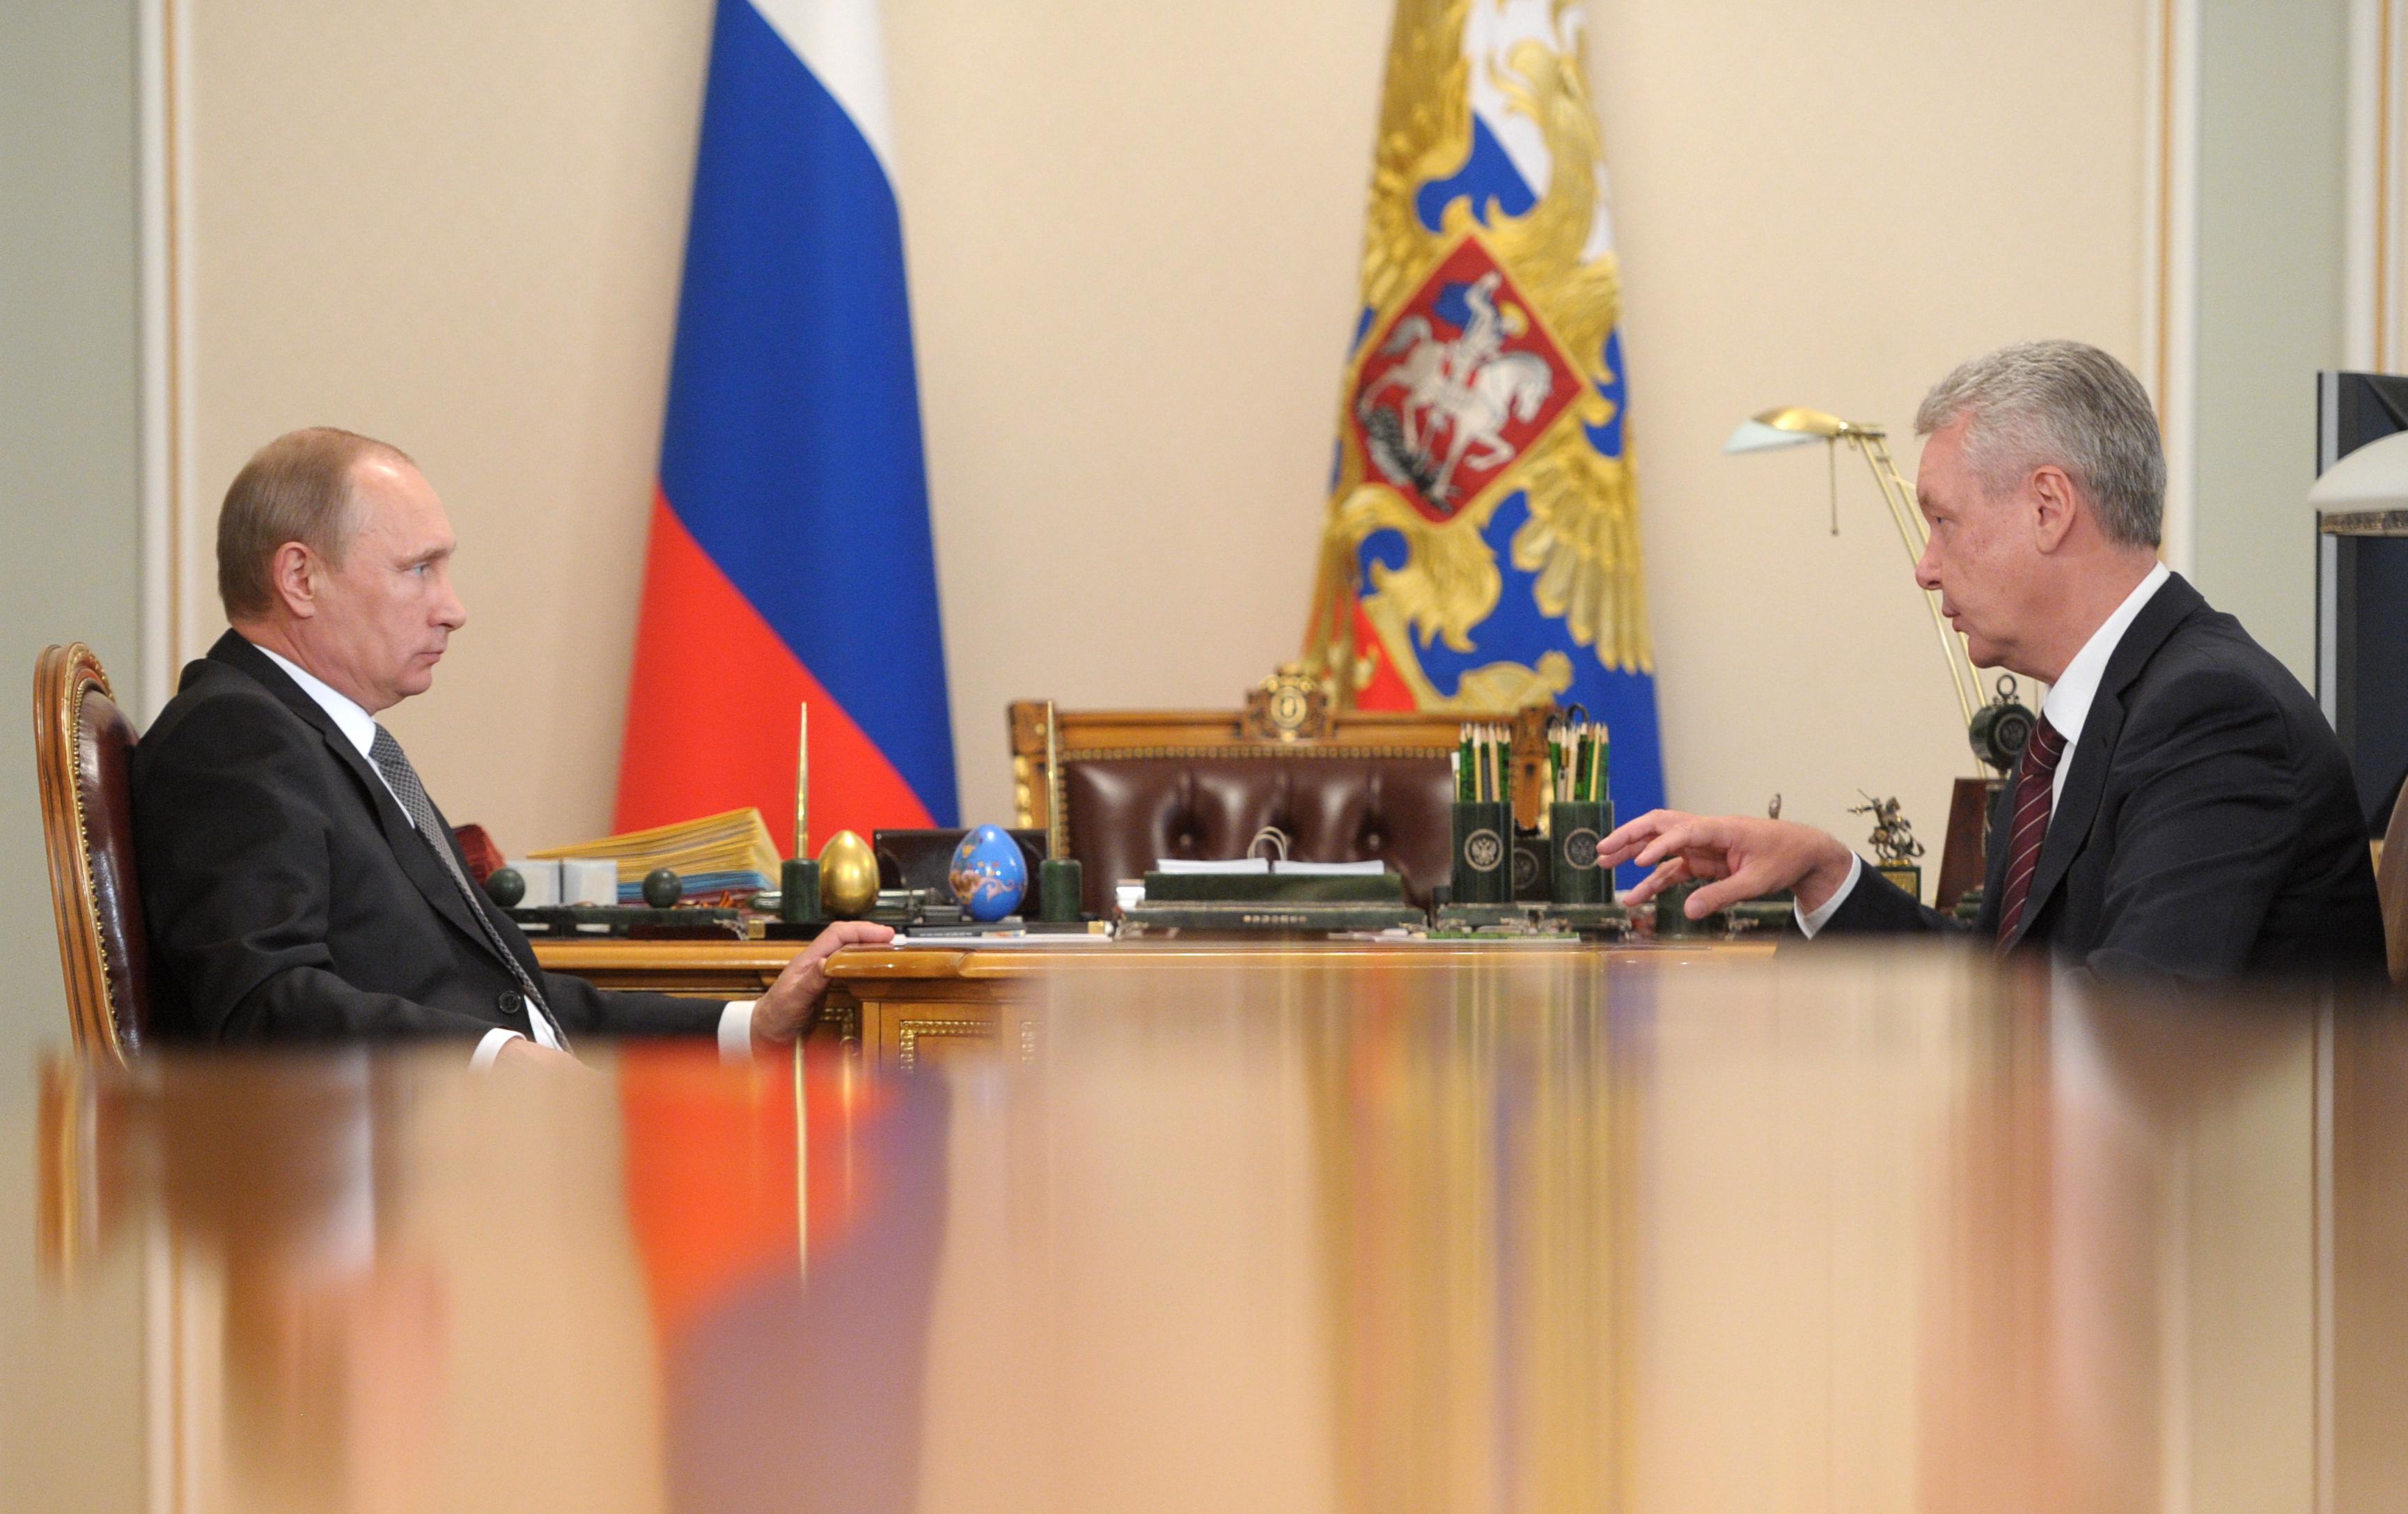 Президент России Владимир Путин и мэр Москвы Сергей Собянин во время встречи